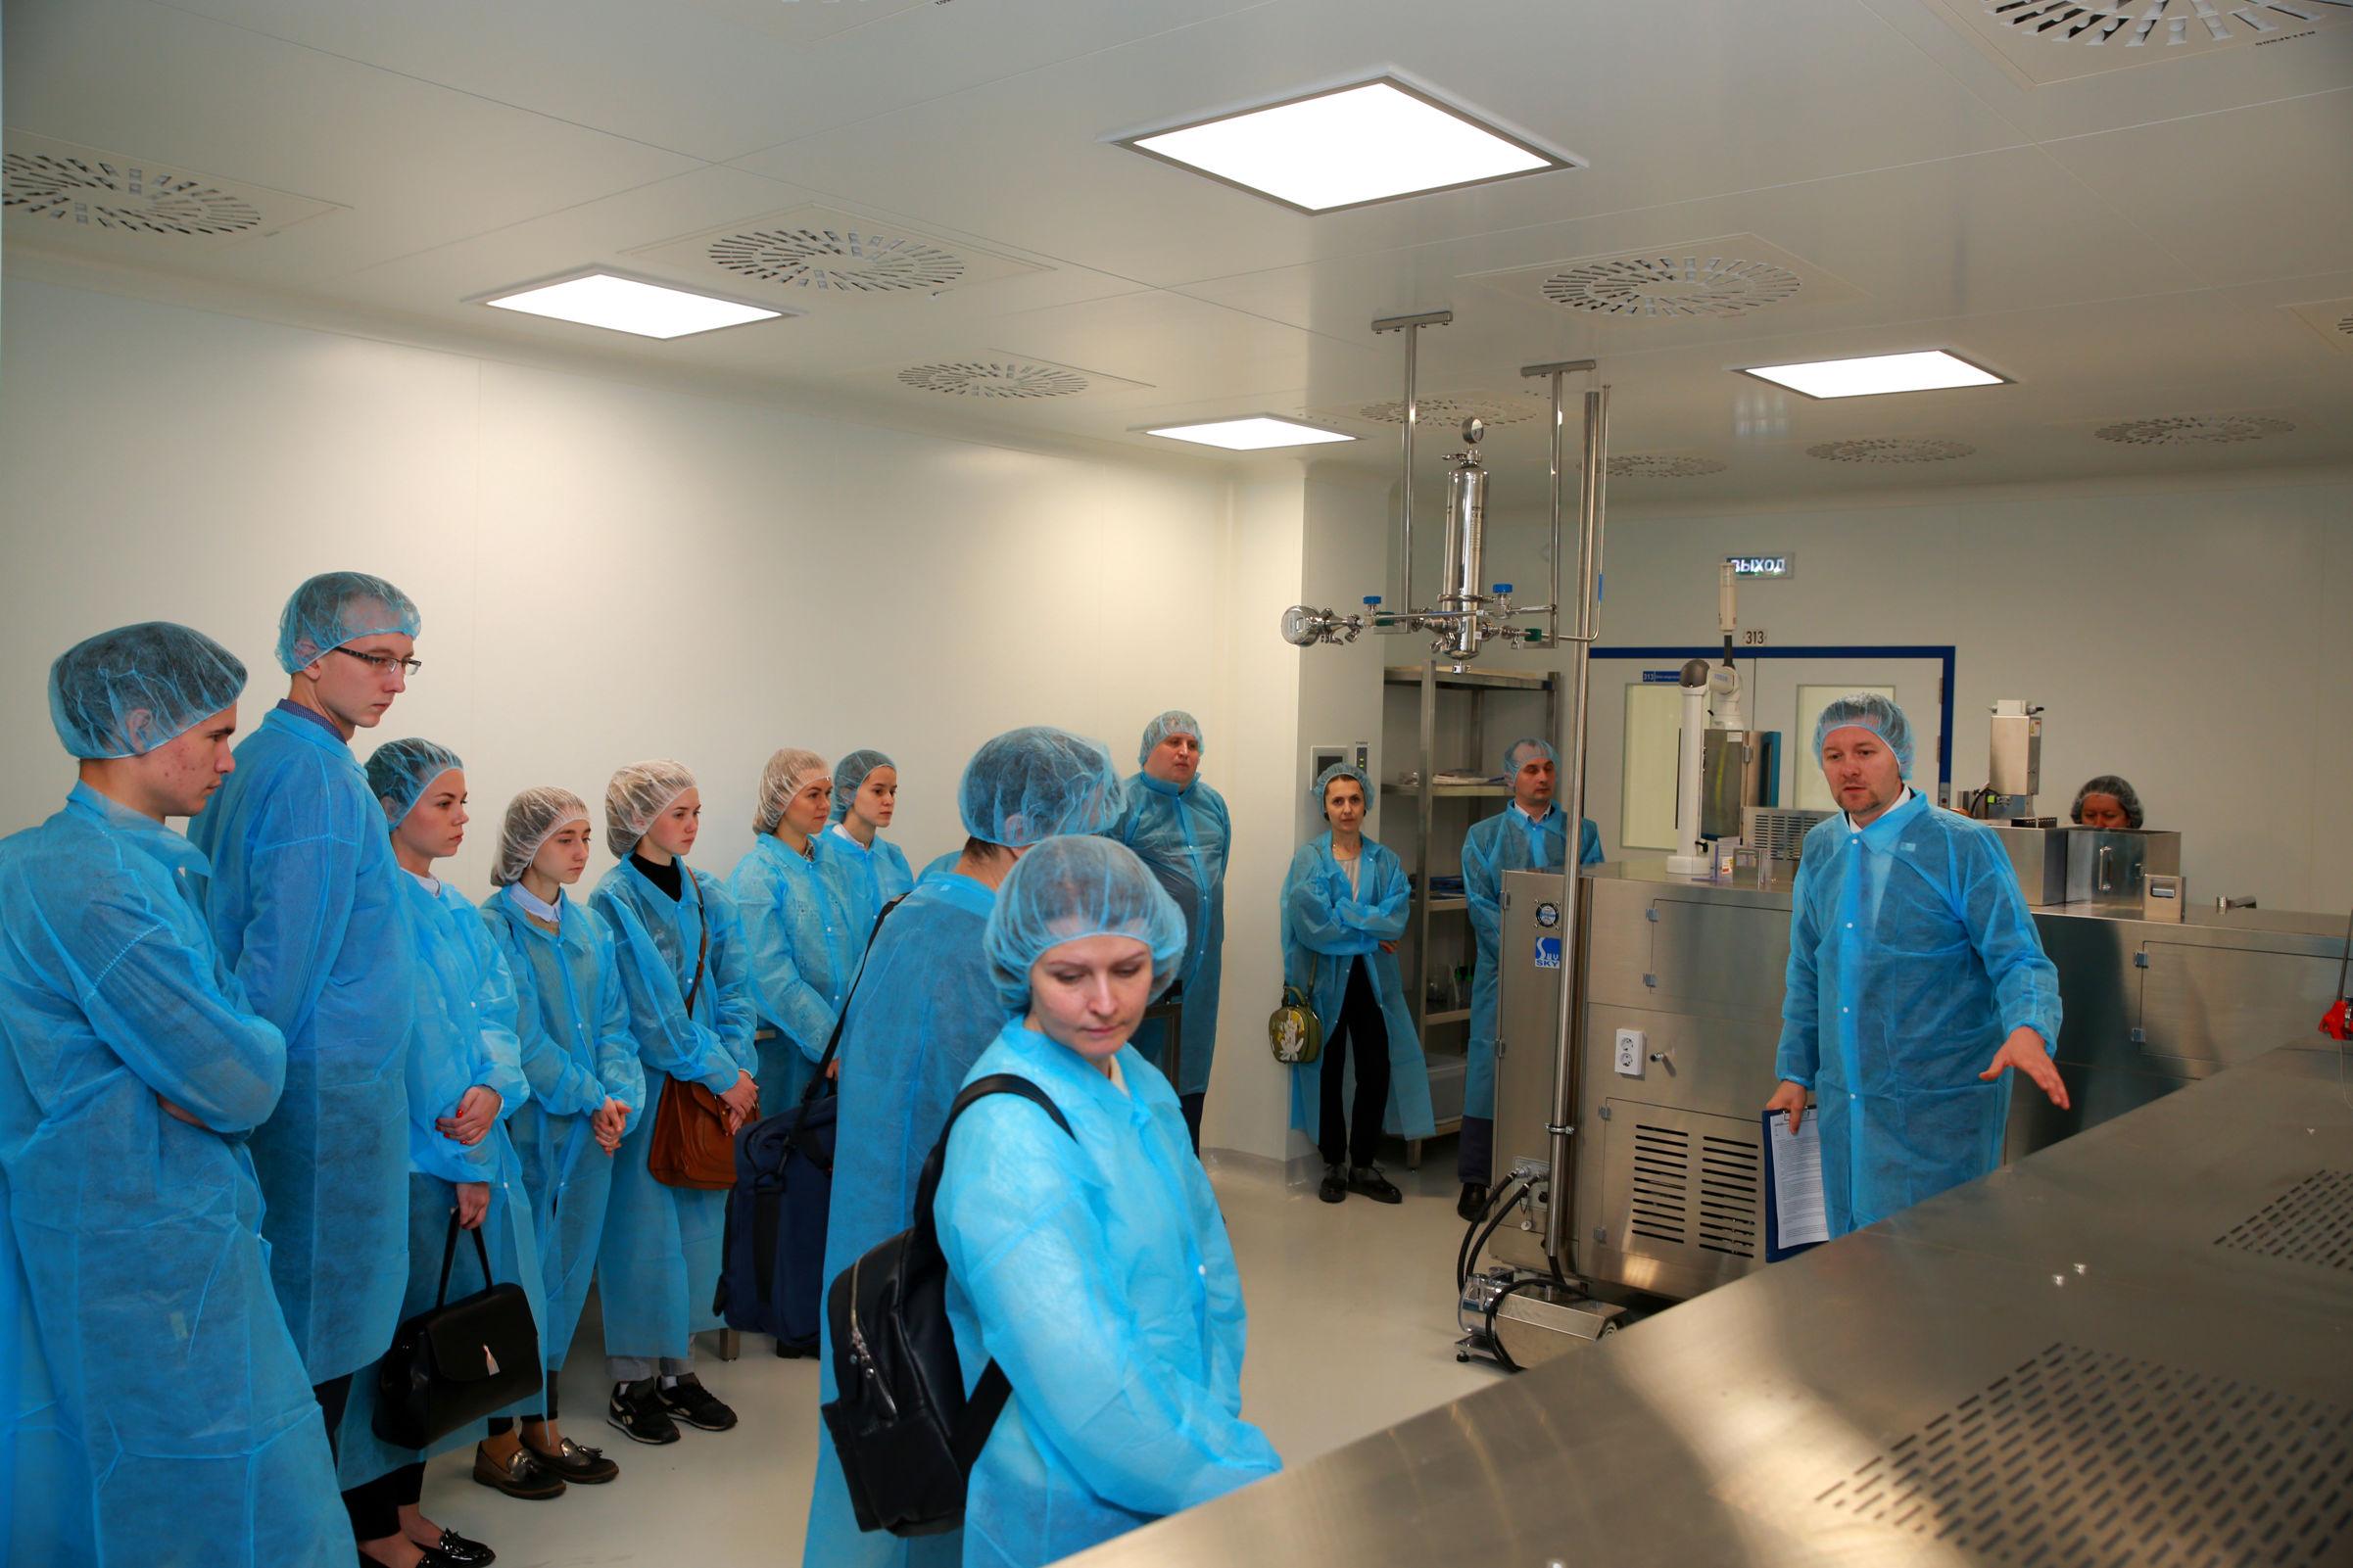 Ярославским студентам провели экскурсию по новому фармацевтическому заводу